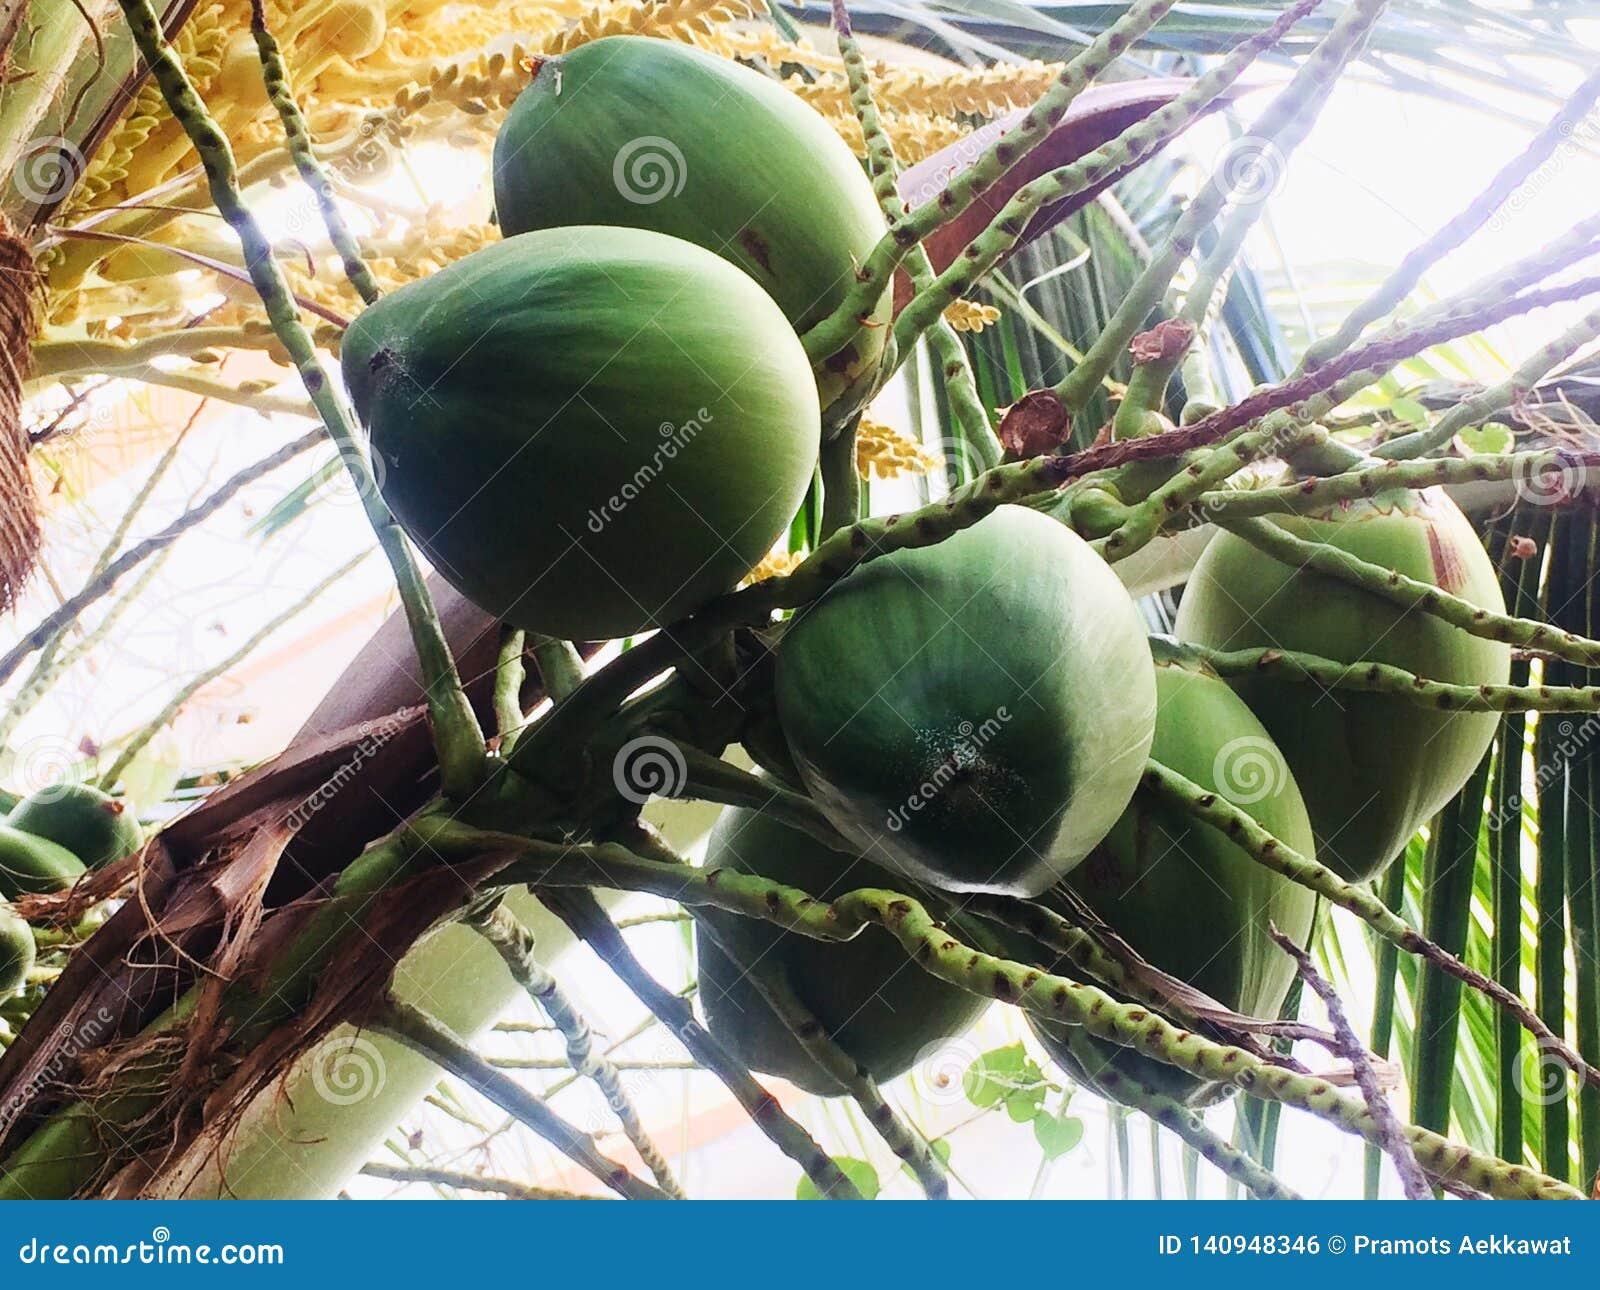 Kokosnuss, die auf einen Tag wartet, um in ein großes Kind am nächsten Tag zu wachsen, um bereit zu sein, ein neuer Baum zu sein